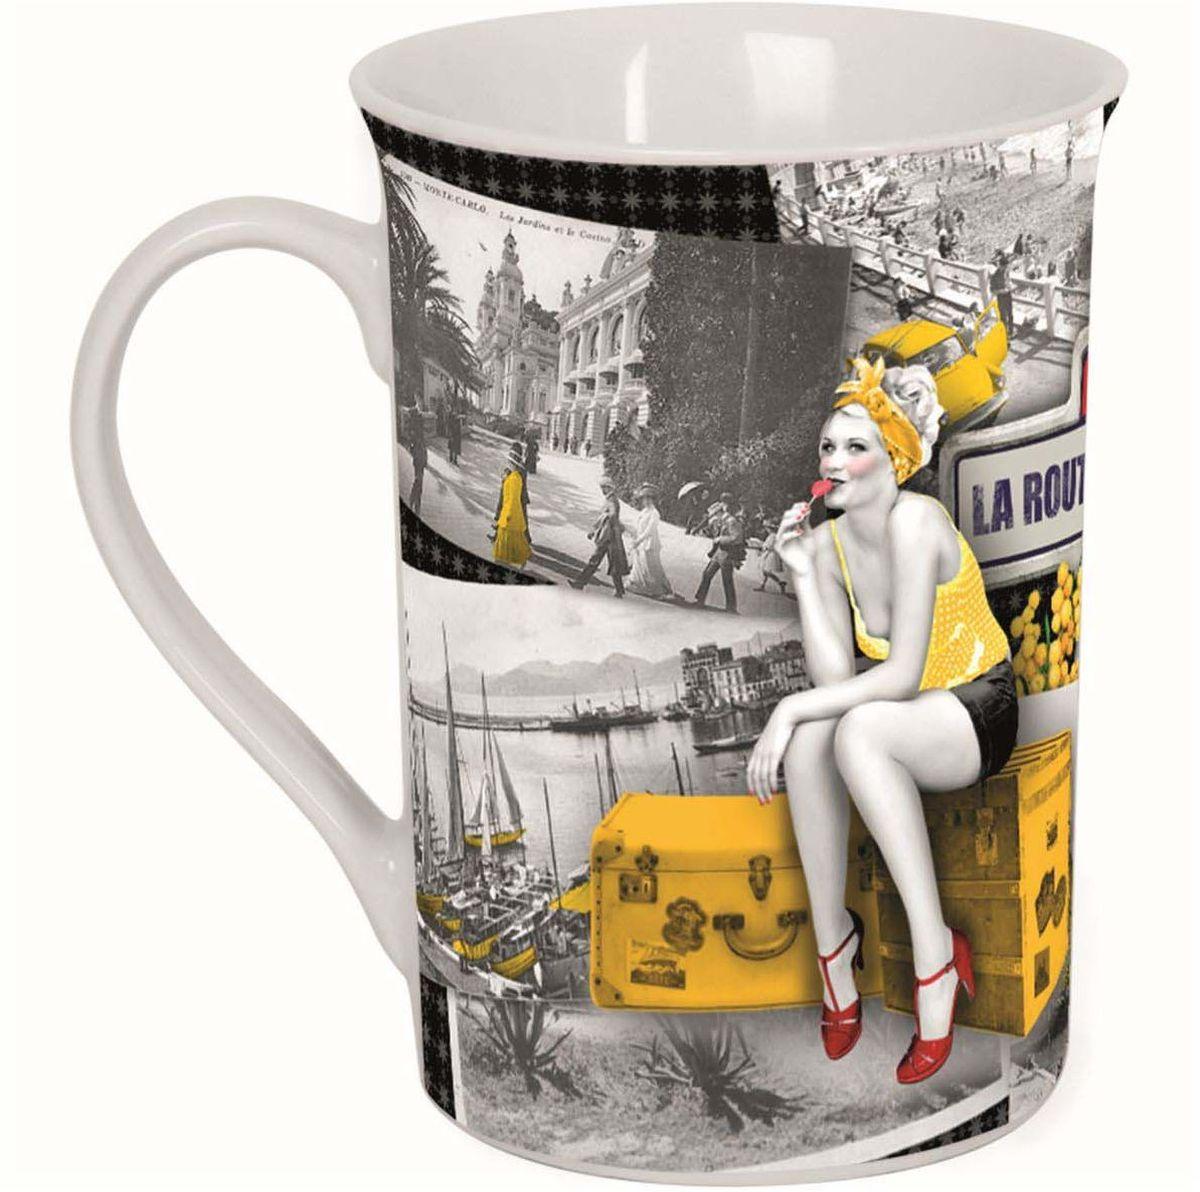 Кружка ORVAL Солнечная дорога, 270 мл115510Кружка украсит Ваш ежедневный завтрак или чашку чая или кофе Изящное дополнение к своей столовой посуде